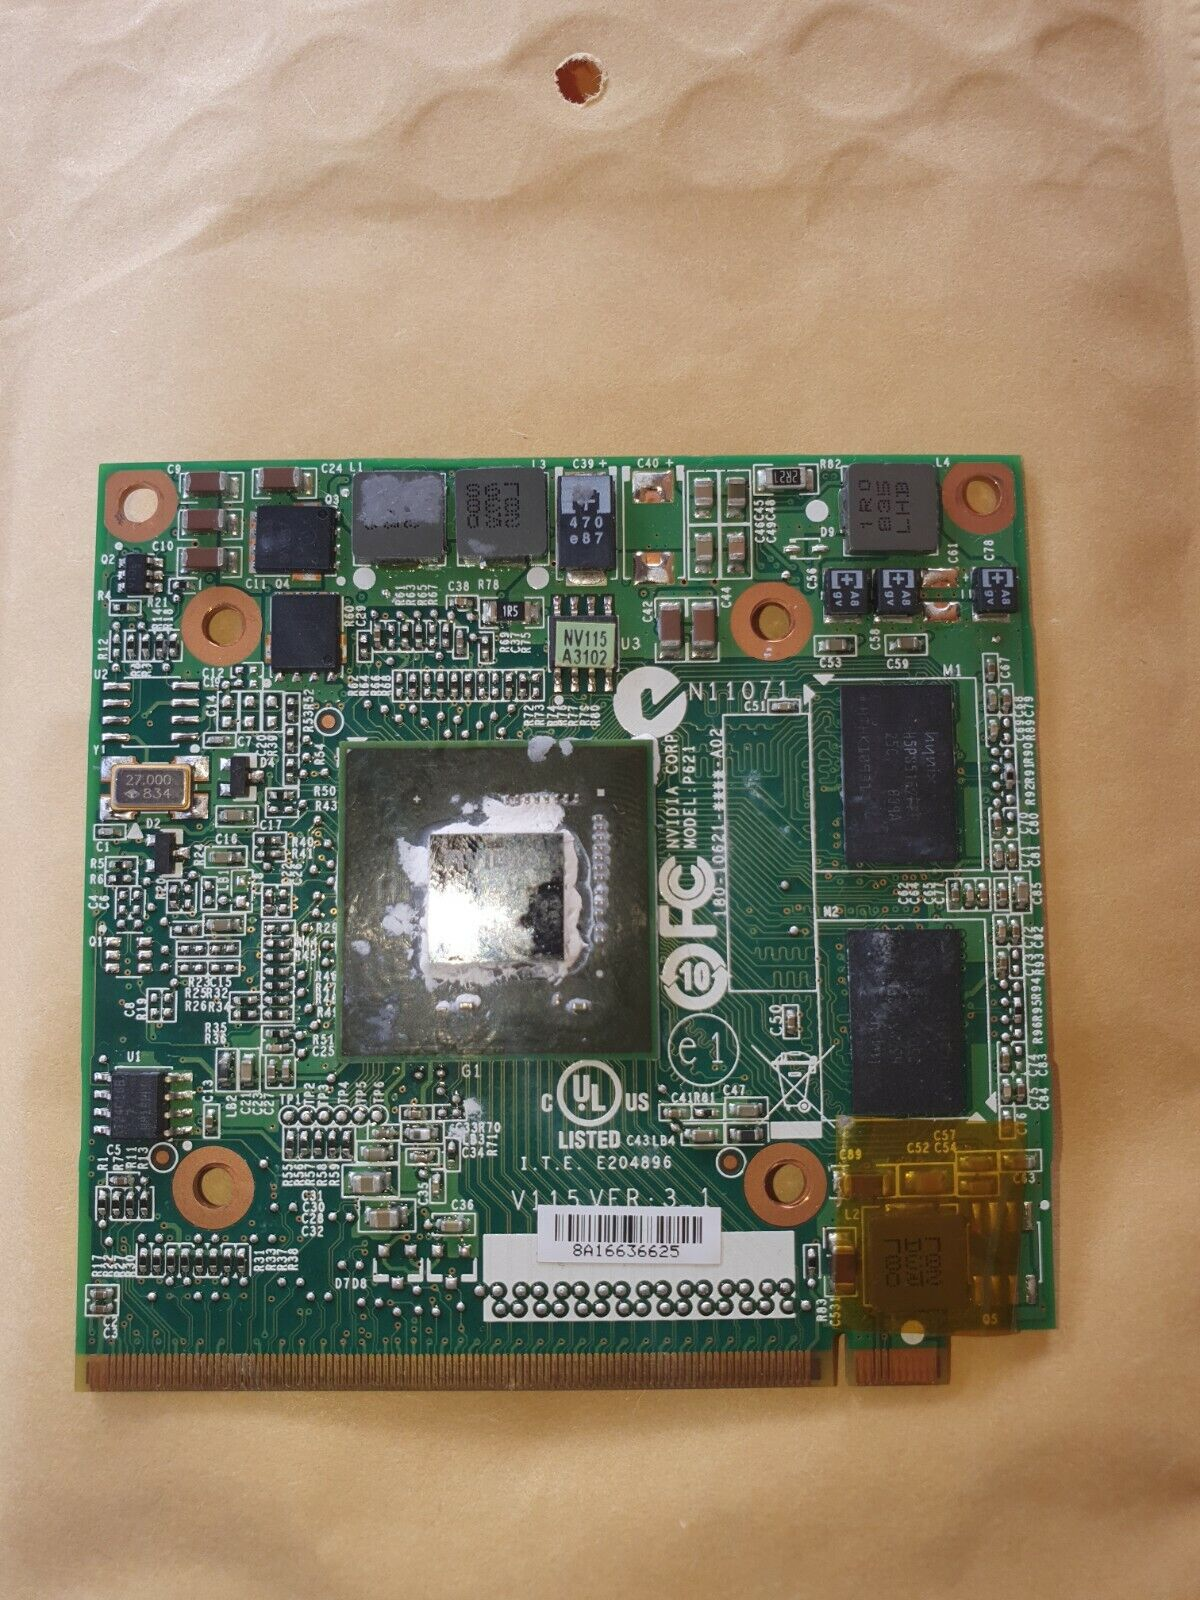 Nvidia GF 9300M GS  Grafikkarte für Acer Aspire 7530G, 8530G, 8730G